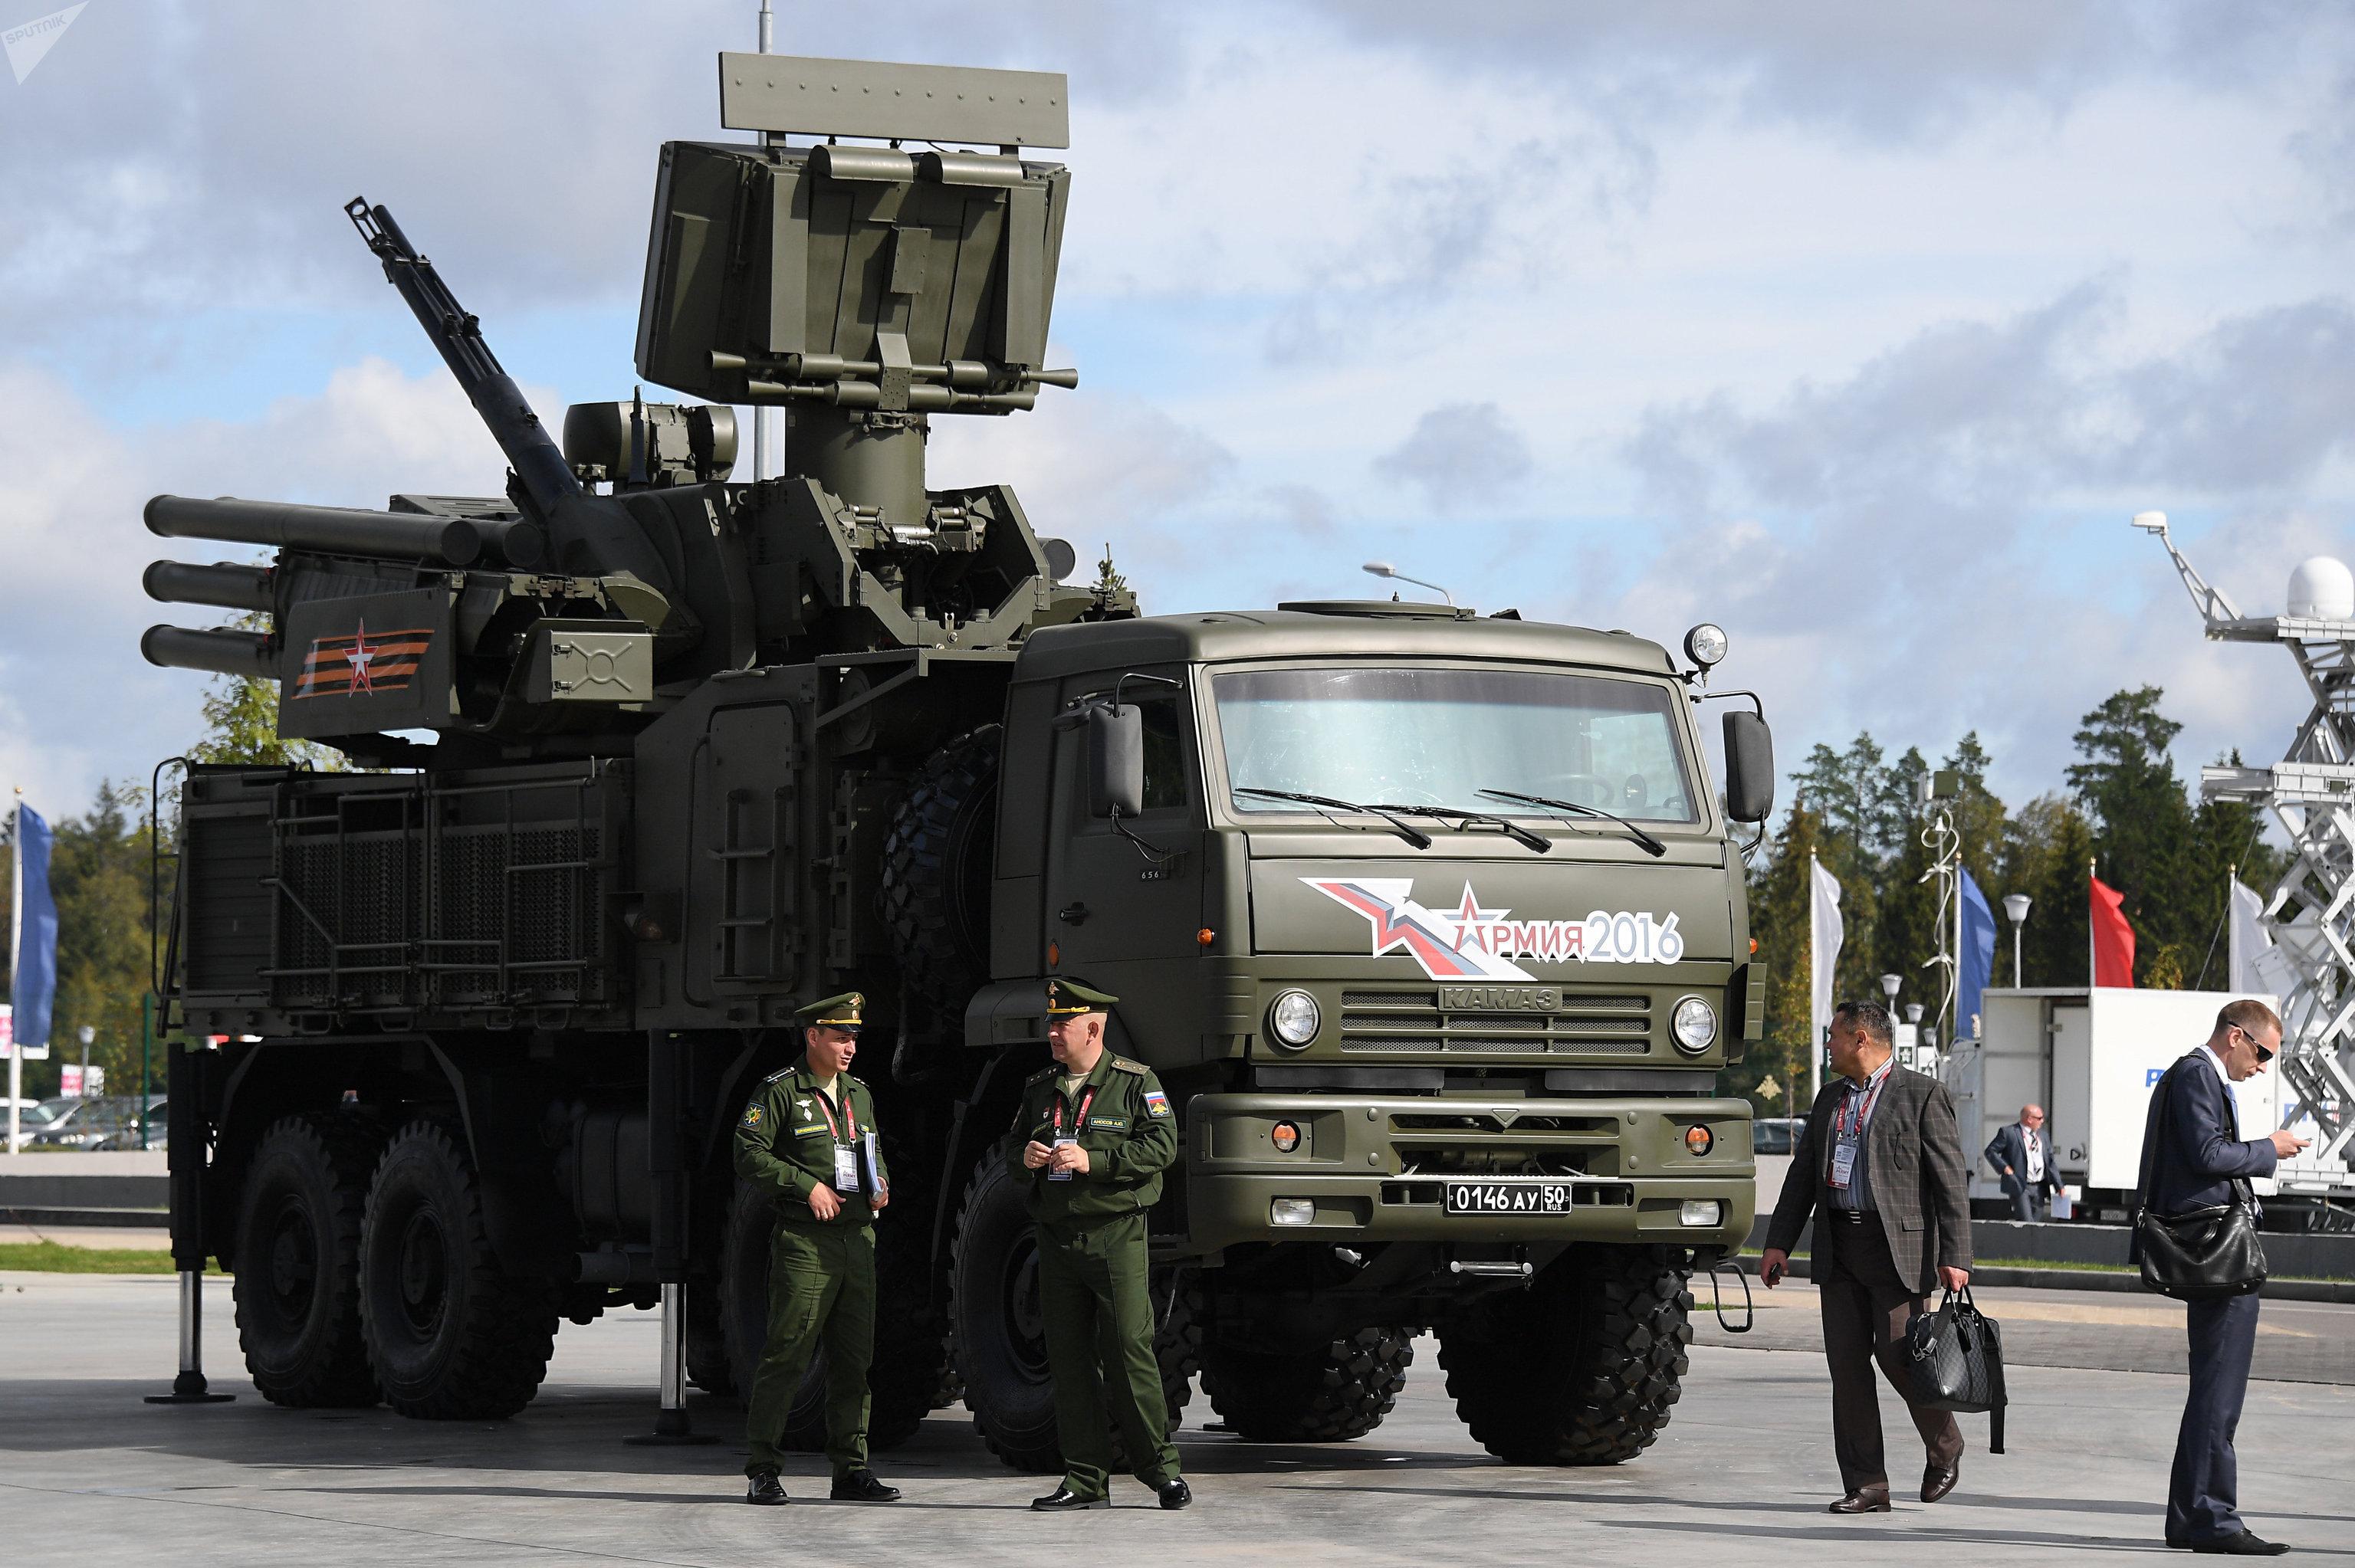 Un Pantsir ruso durante el foro militar Army-2016